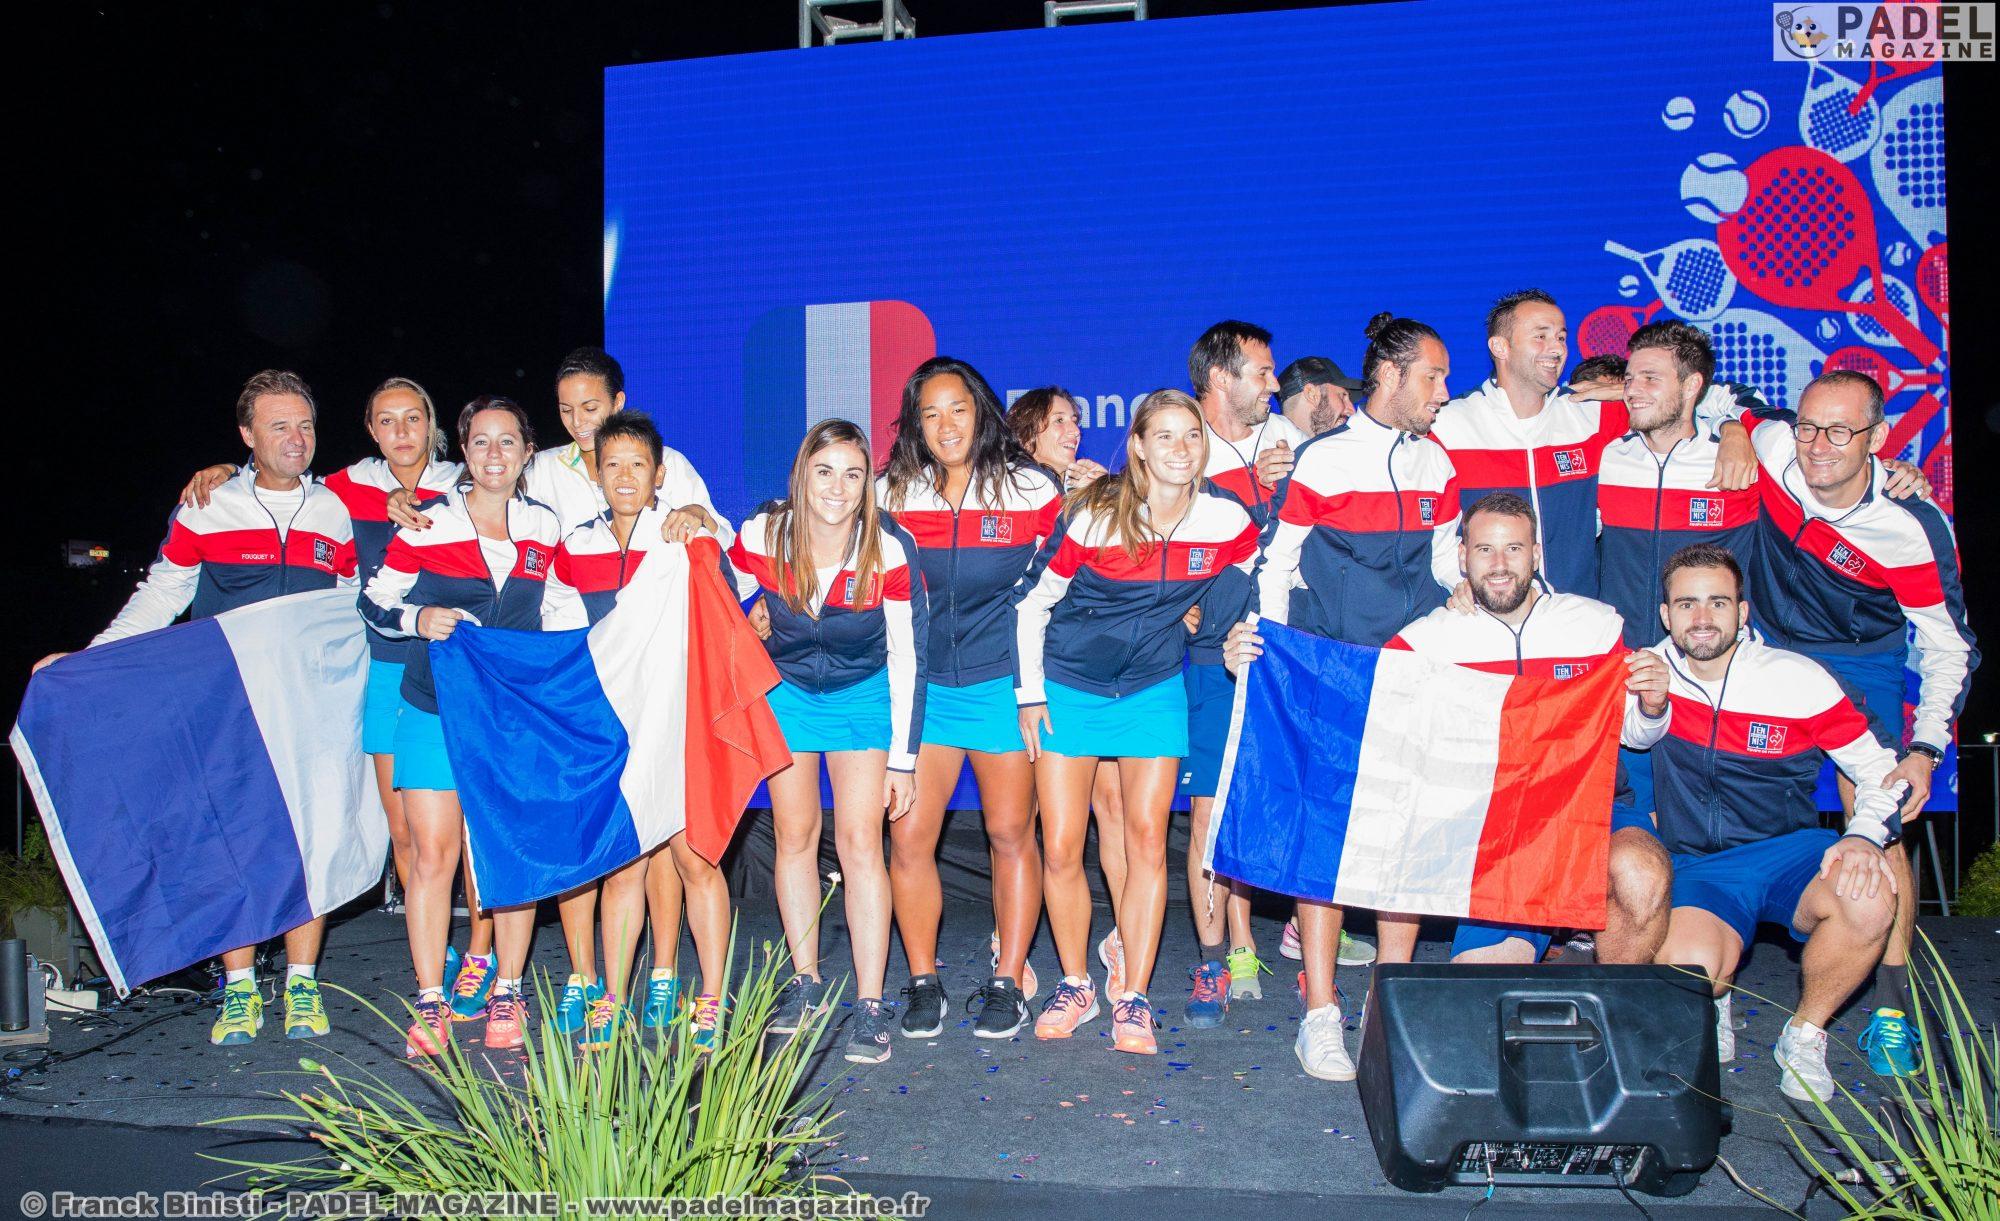 La France à 1 confrontation de la qualif au mondial de padel